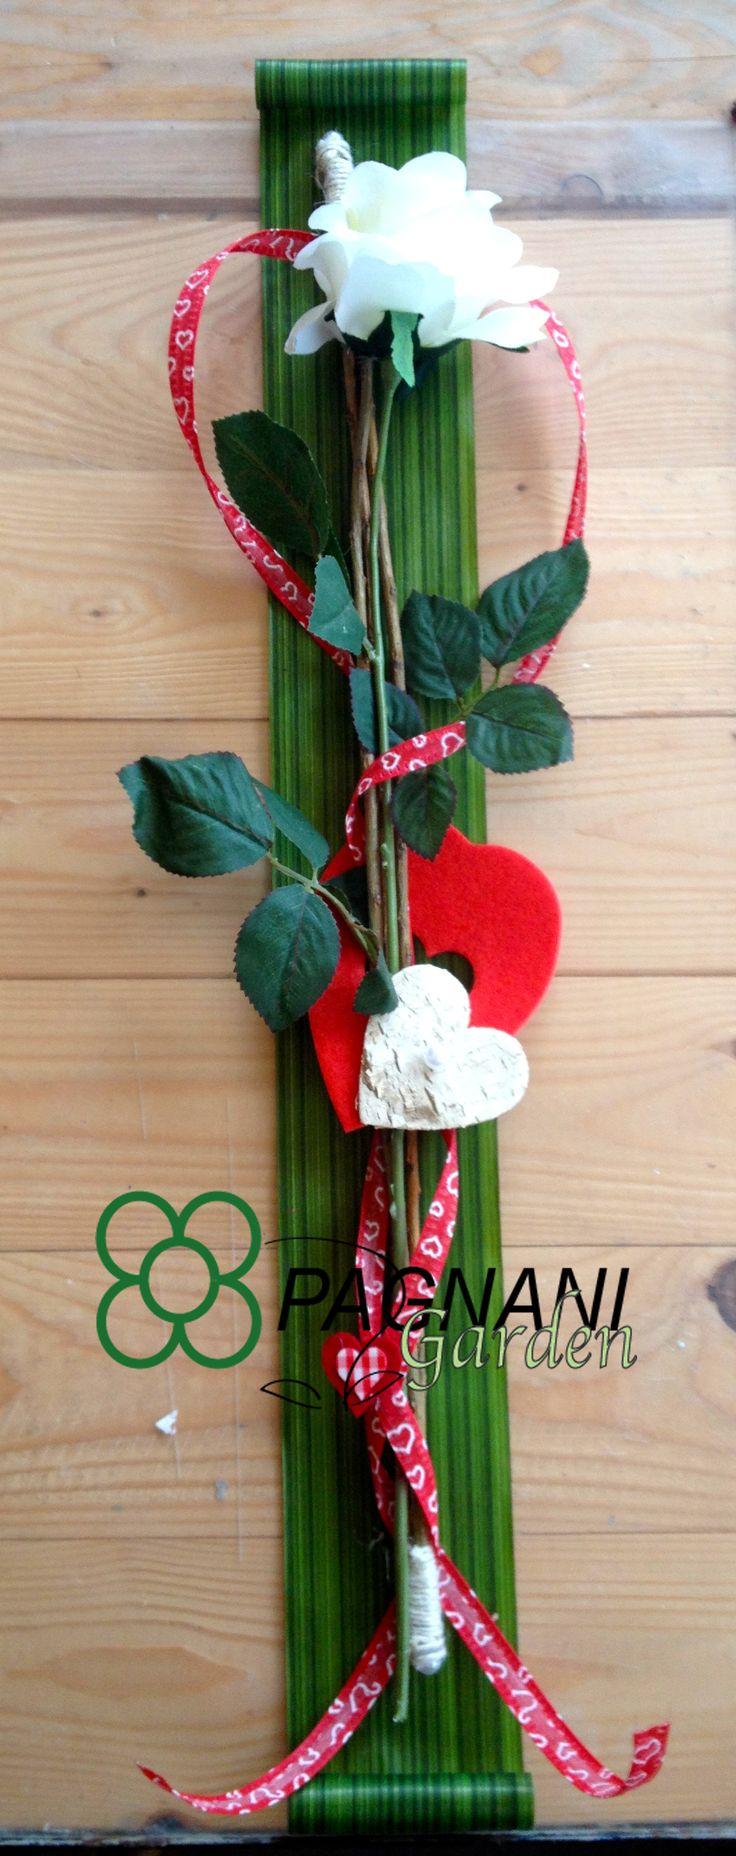 Un pensiero semplice e creativo per San Valentino